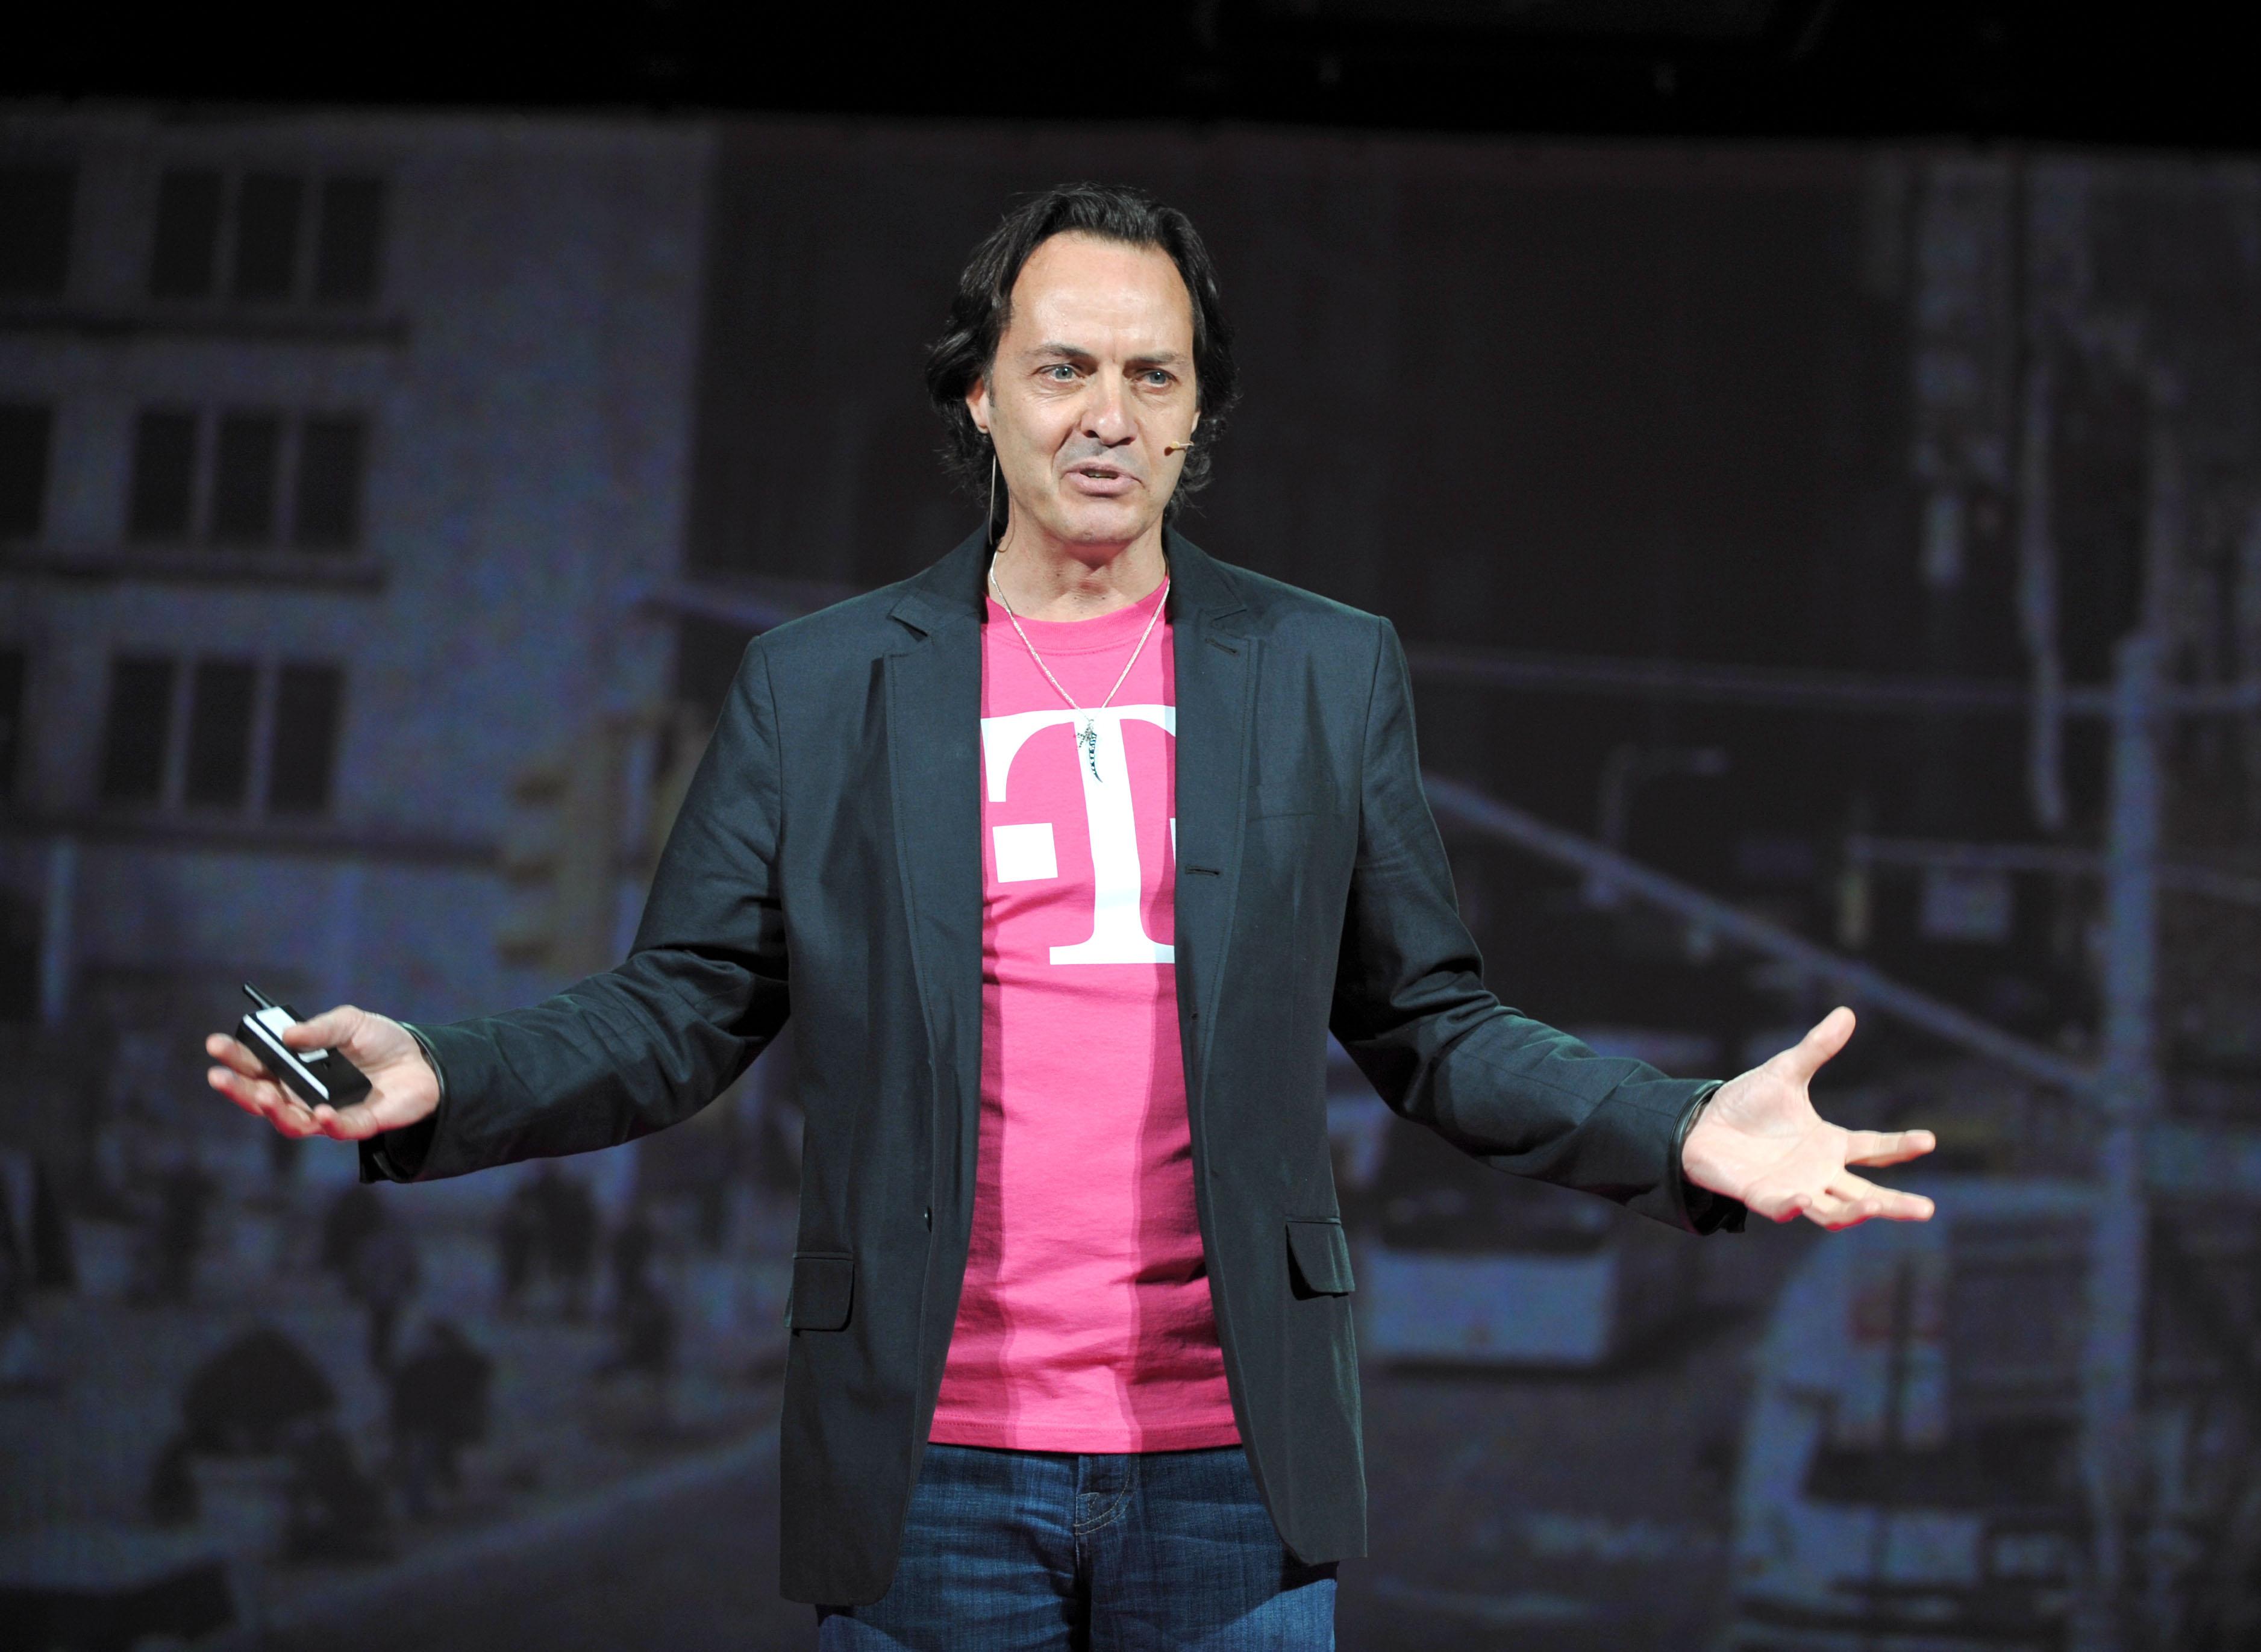 T-Mobile C.E.O. John Legere